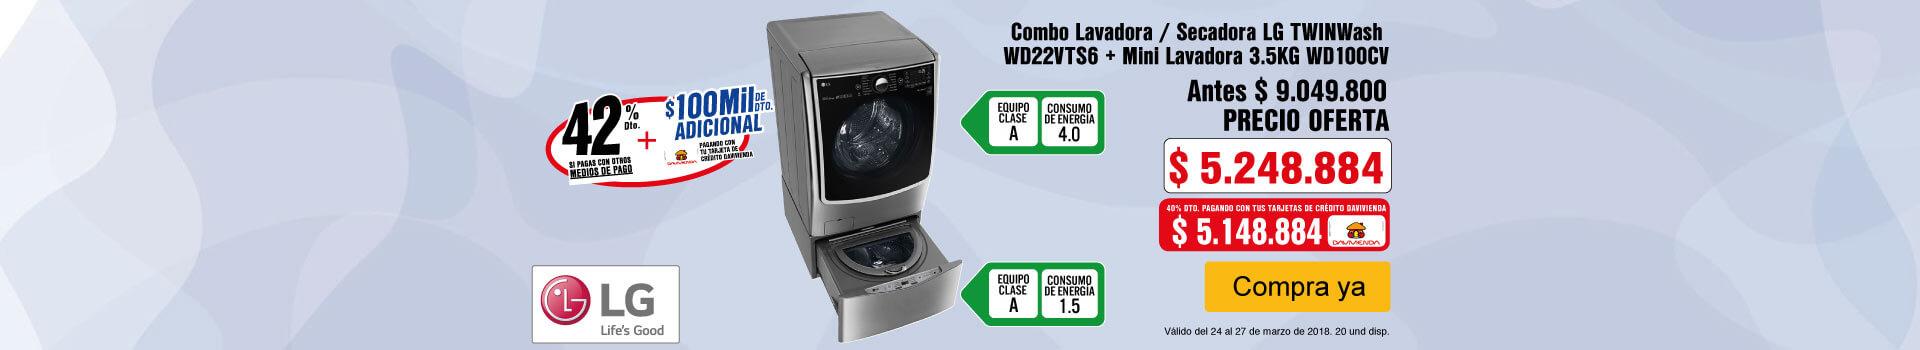 CAT-LAVSEC-AKyKT-3-lb-combo-lavadora-secadora-lg-wd22vts6-mini-lavadora-lg-wd100cv-prod-marzo24-27